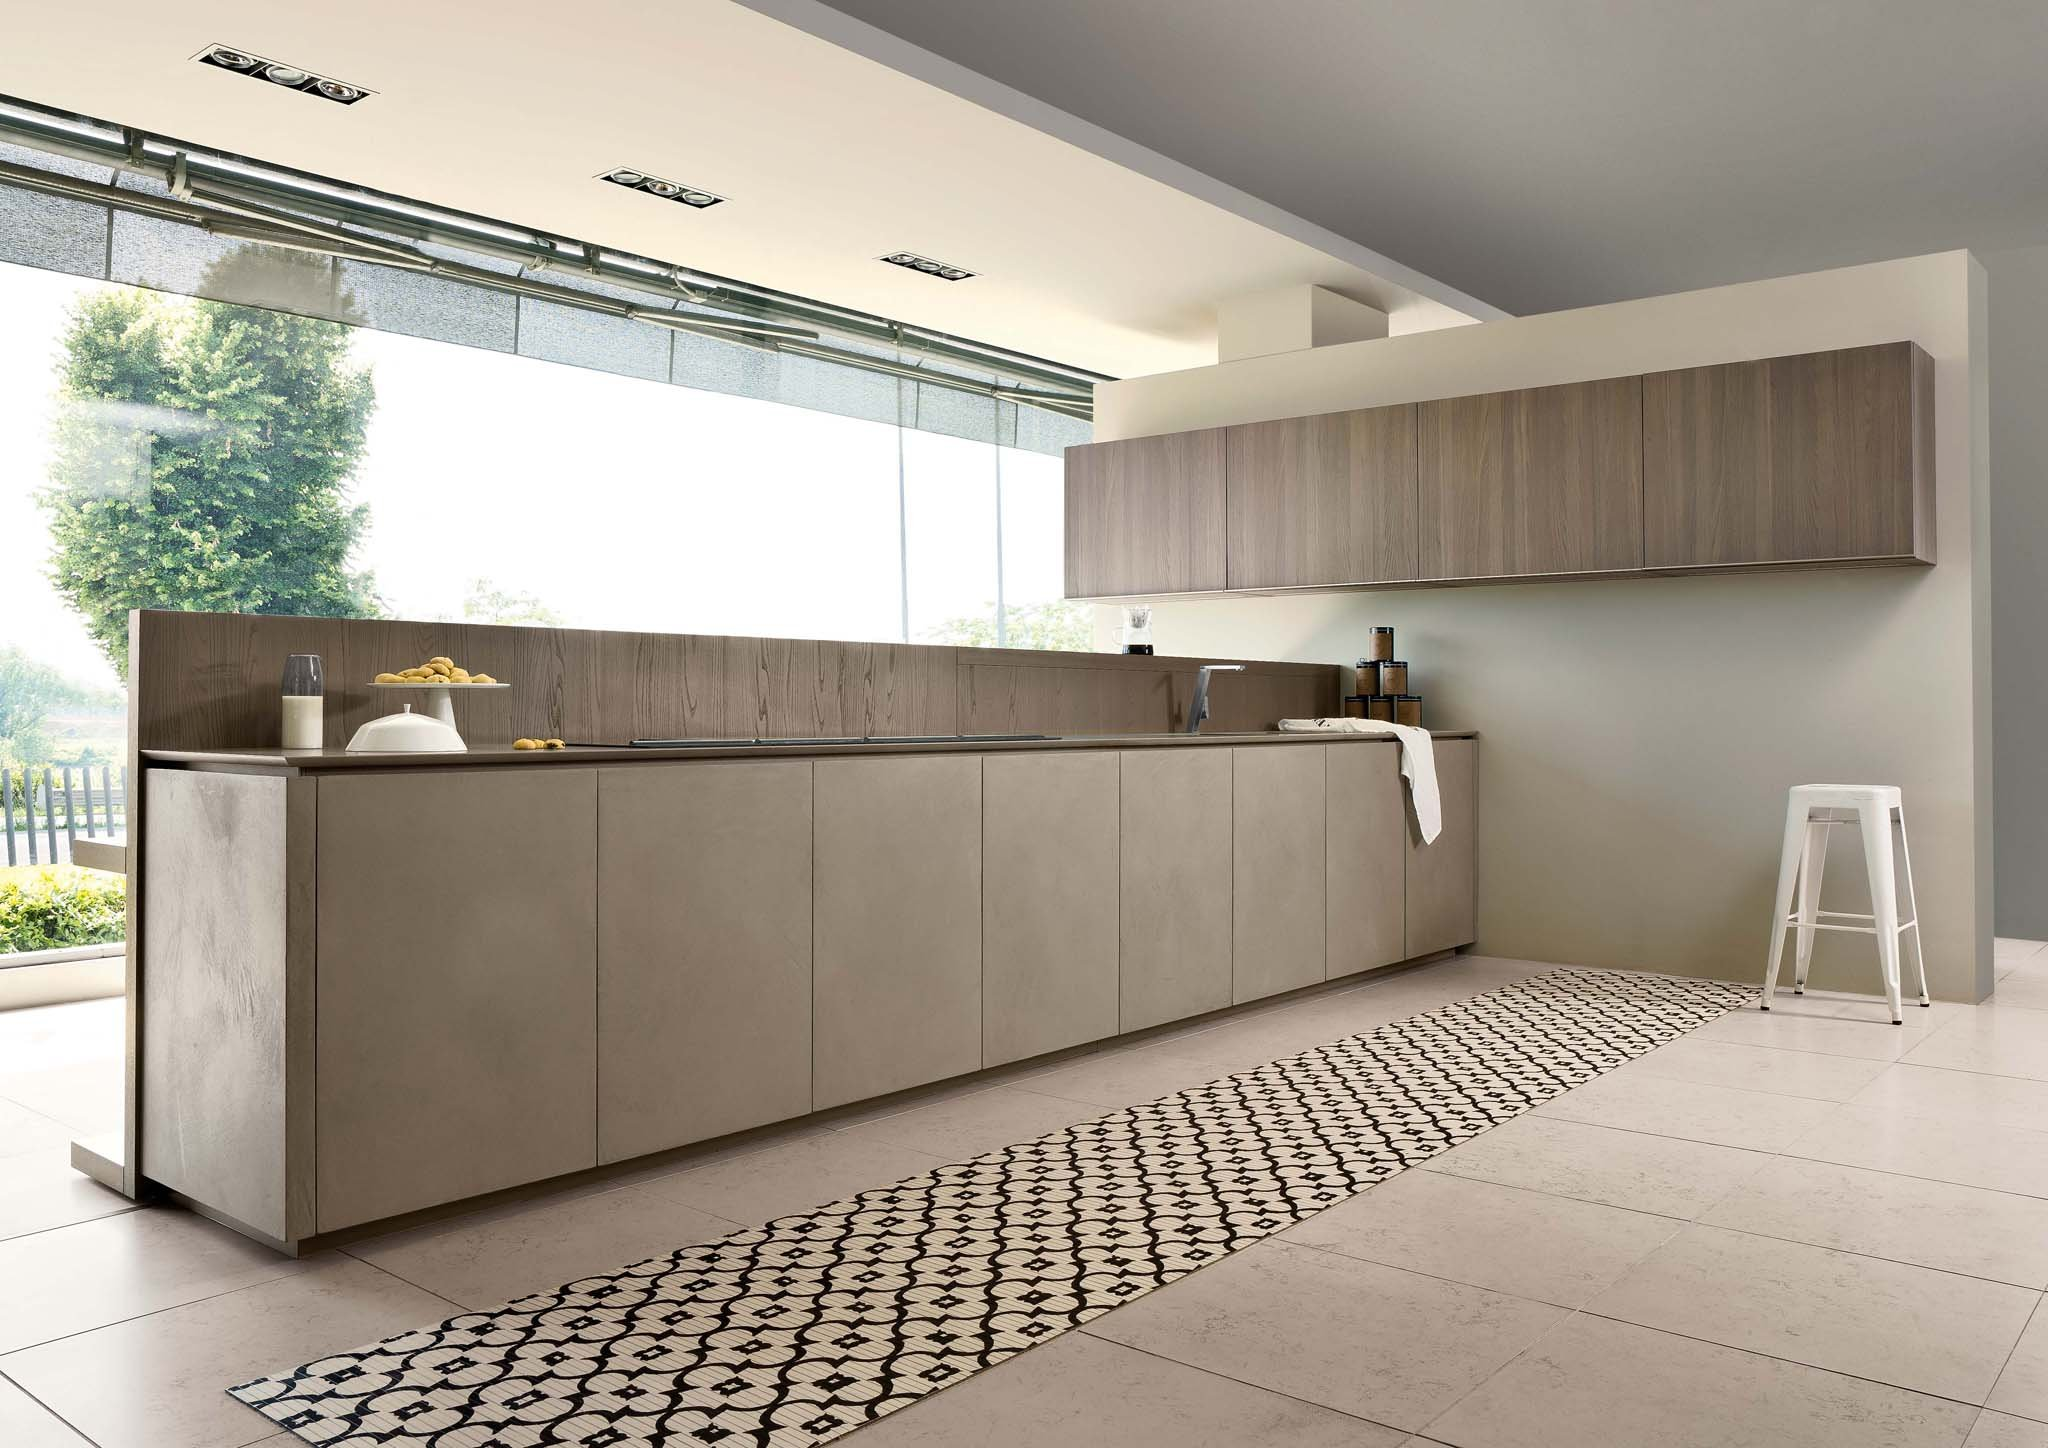 Cucine monoblocco per ufficio: cucina monoblocco arredamento ...